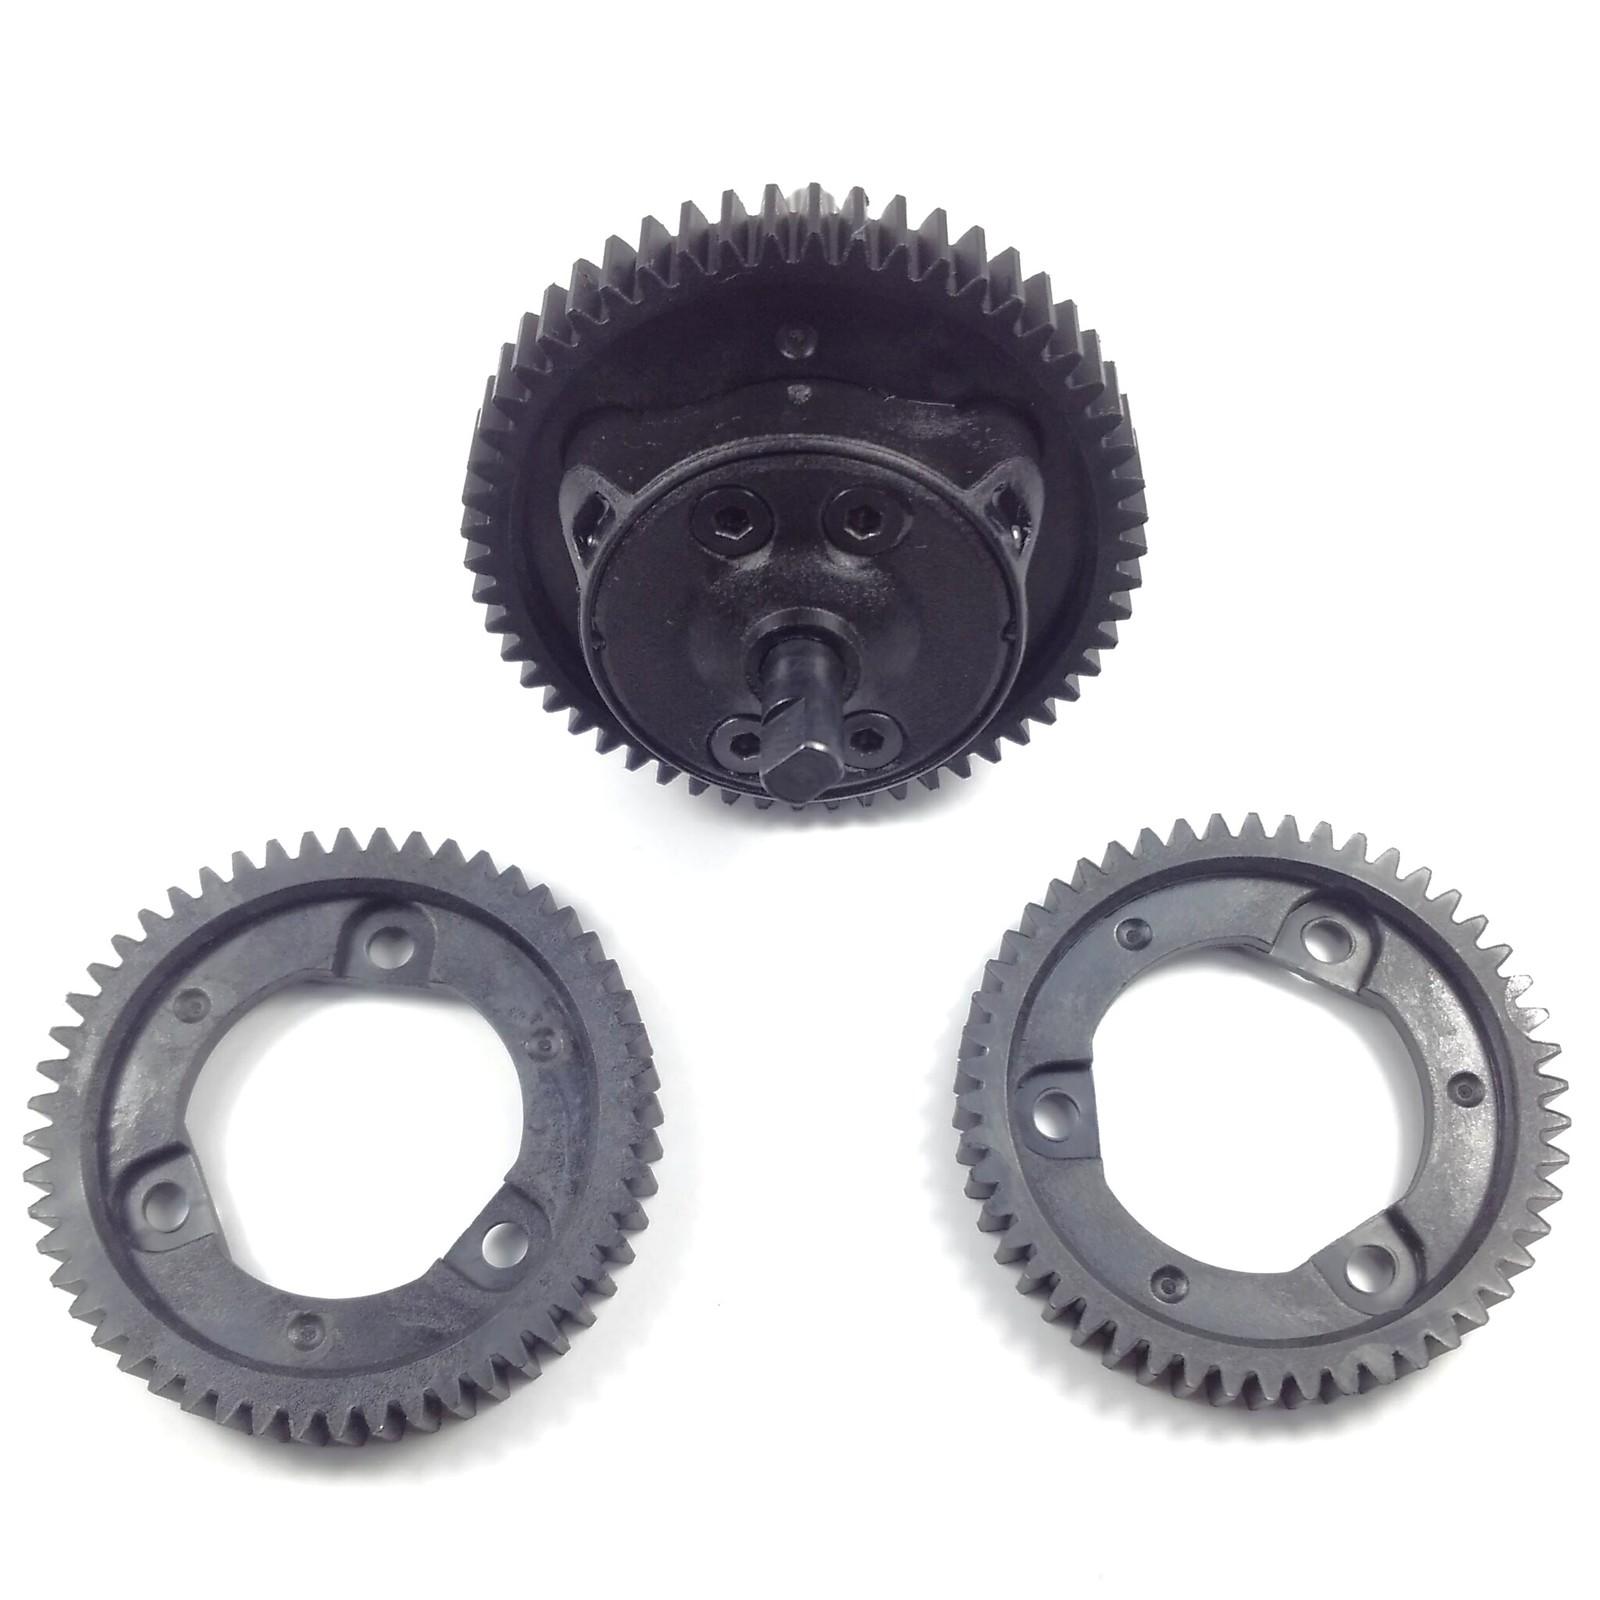 Traxxas 6883 Center Differential Gear Set